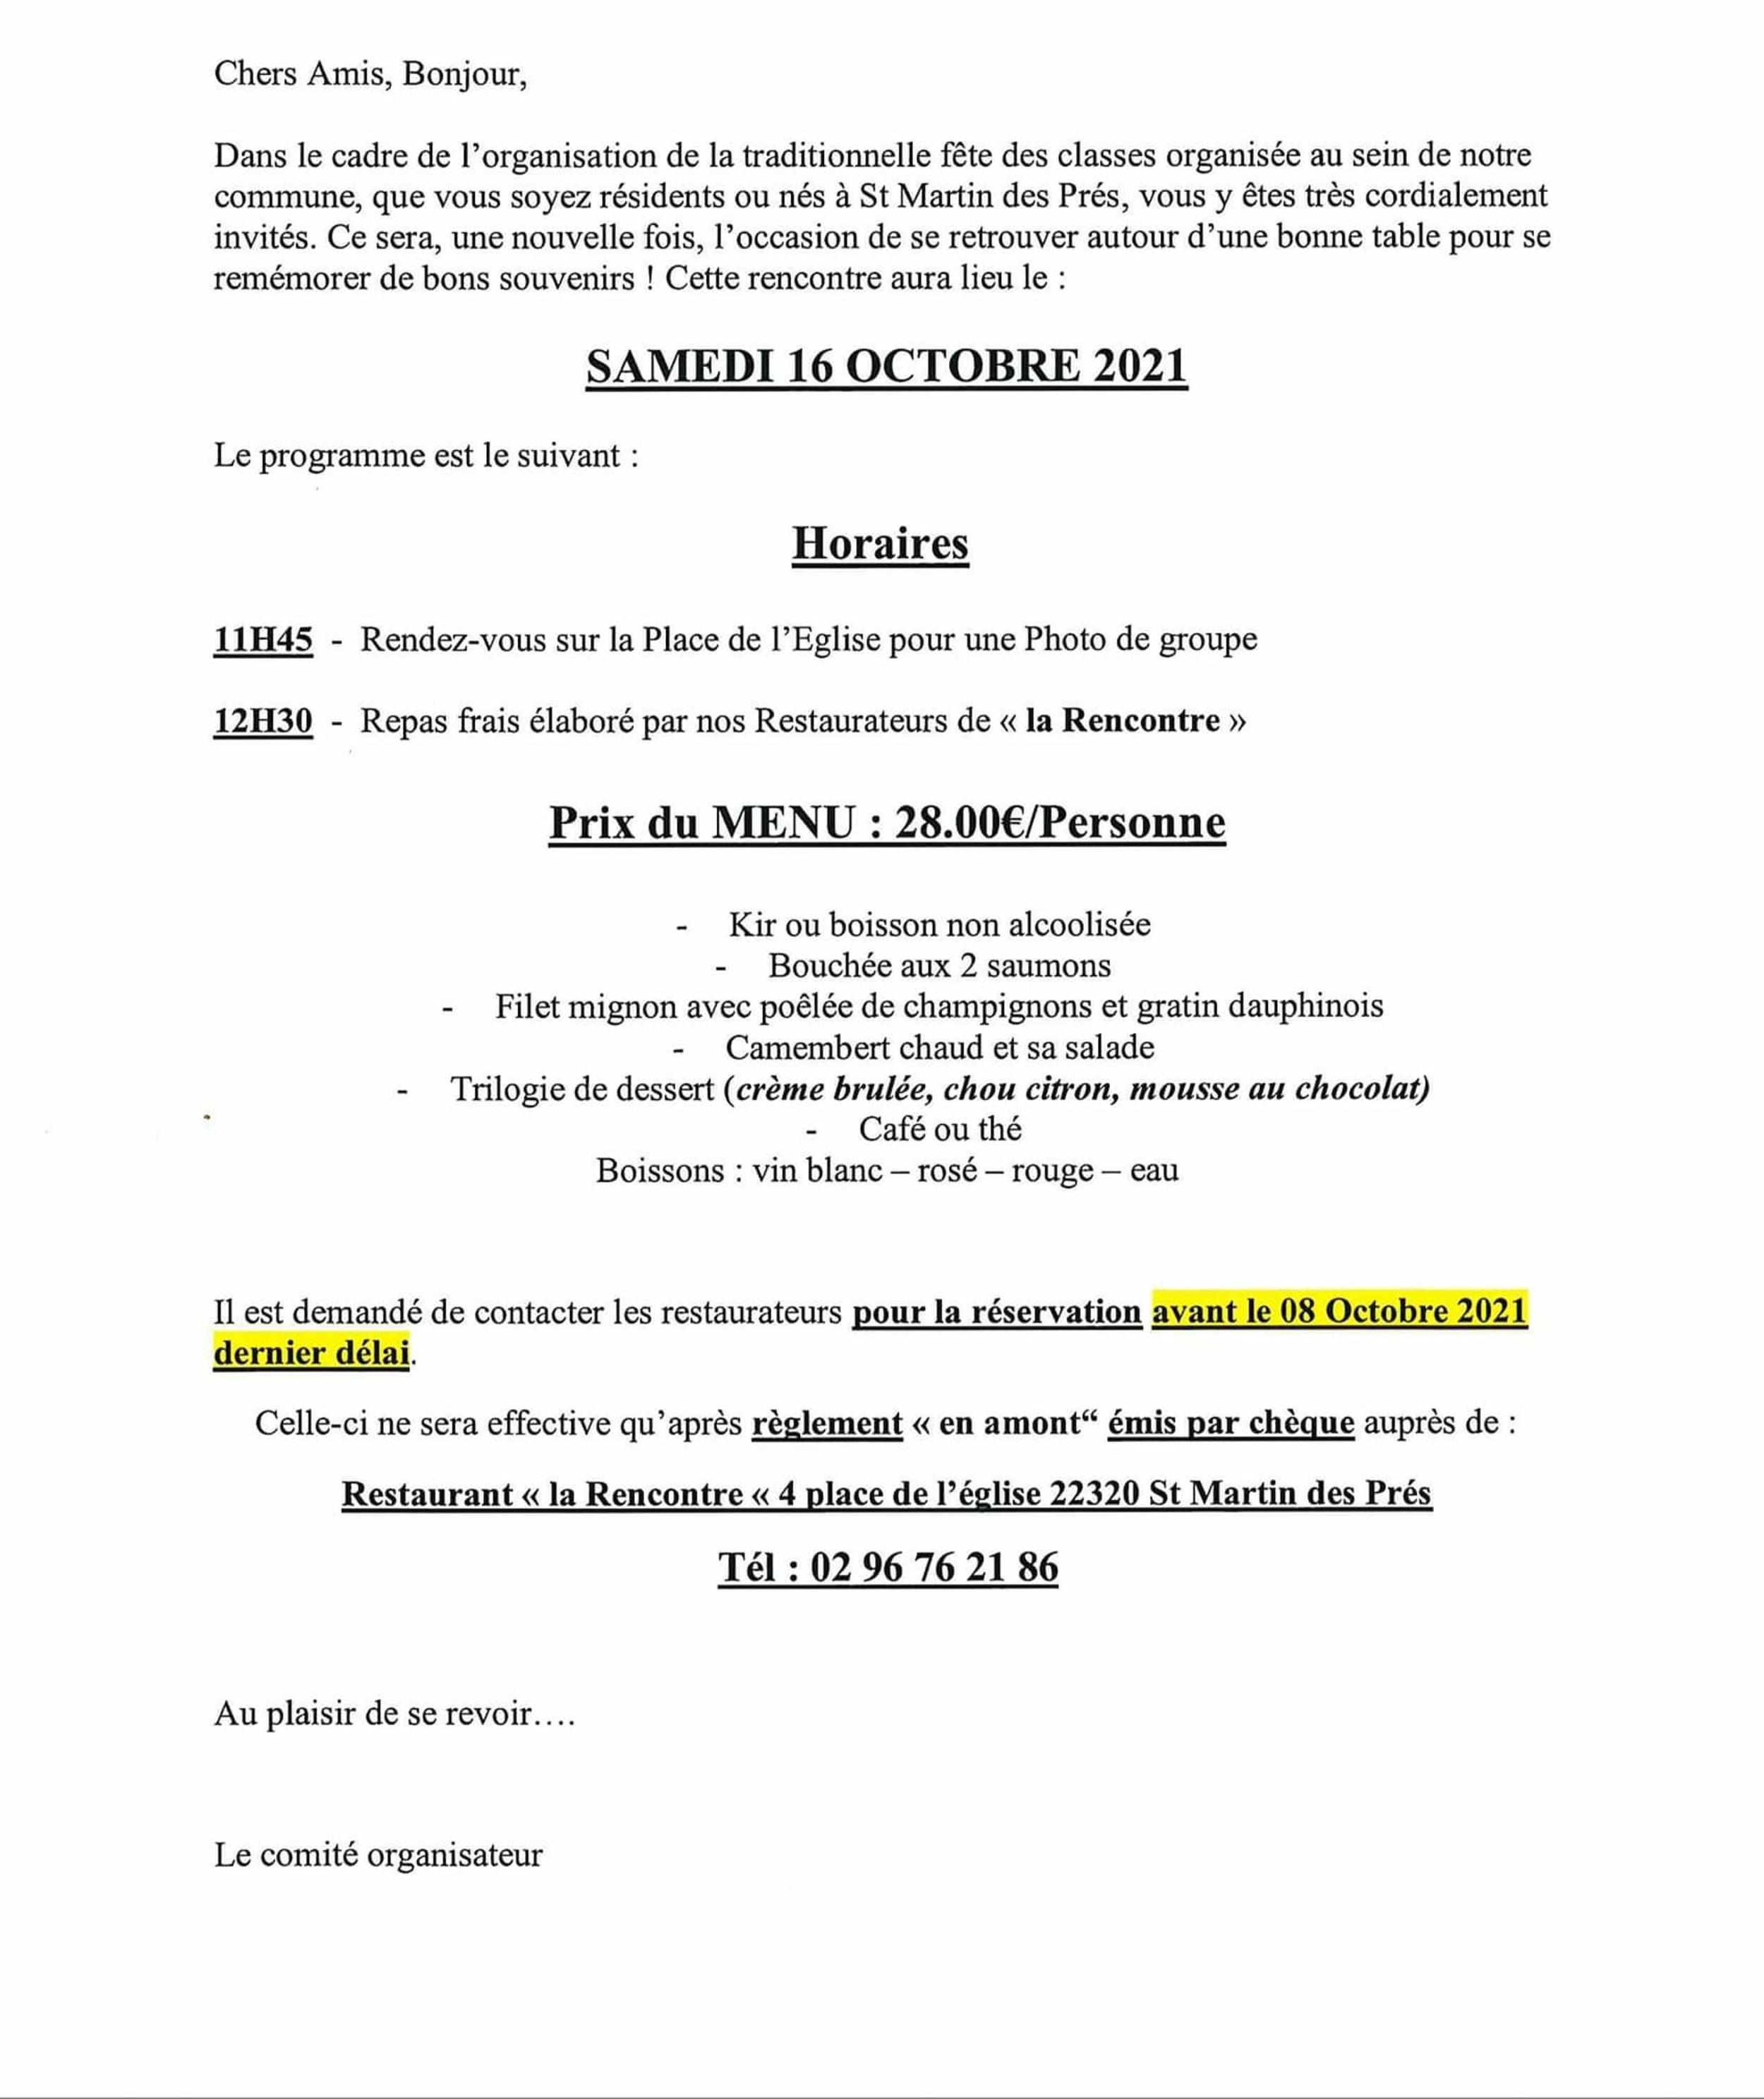 LES CLASSES 0 ET 1 À ST MARTIN DES PRÉS LE 16 OCTOBRE 2021